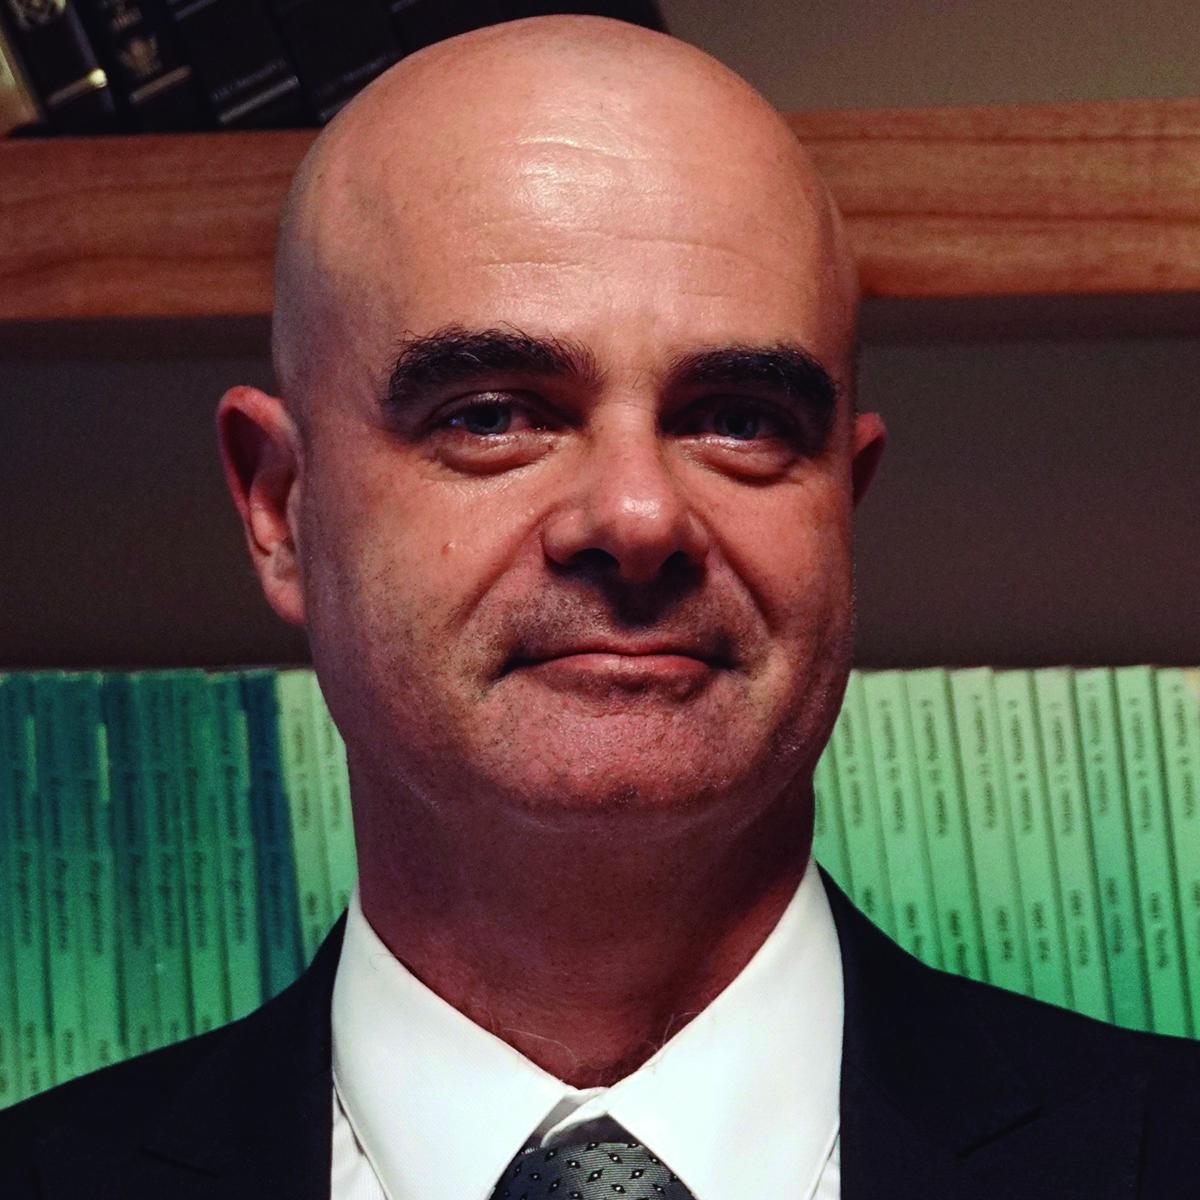 Miguel Zielonka